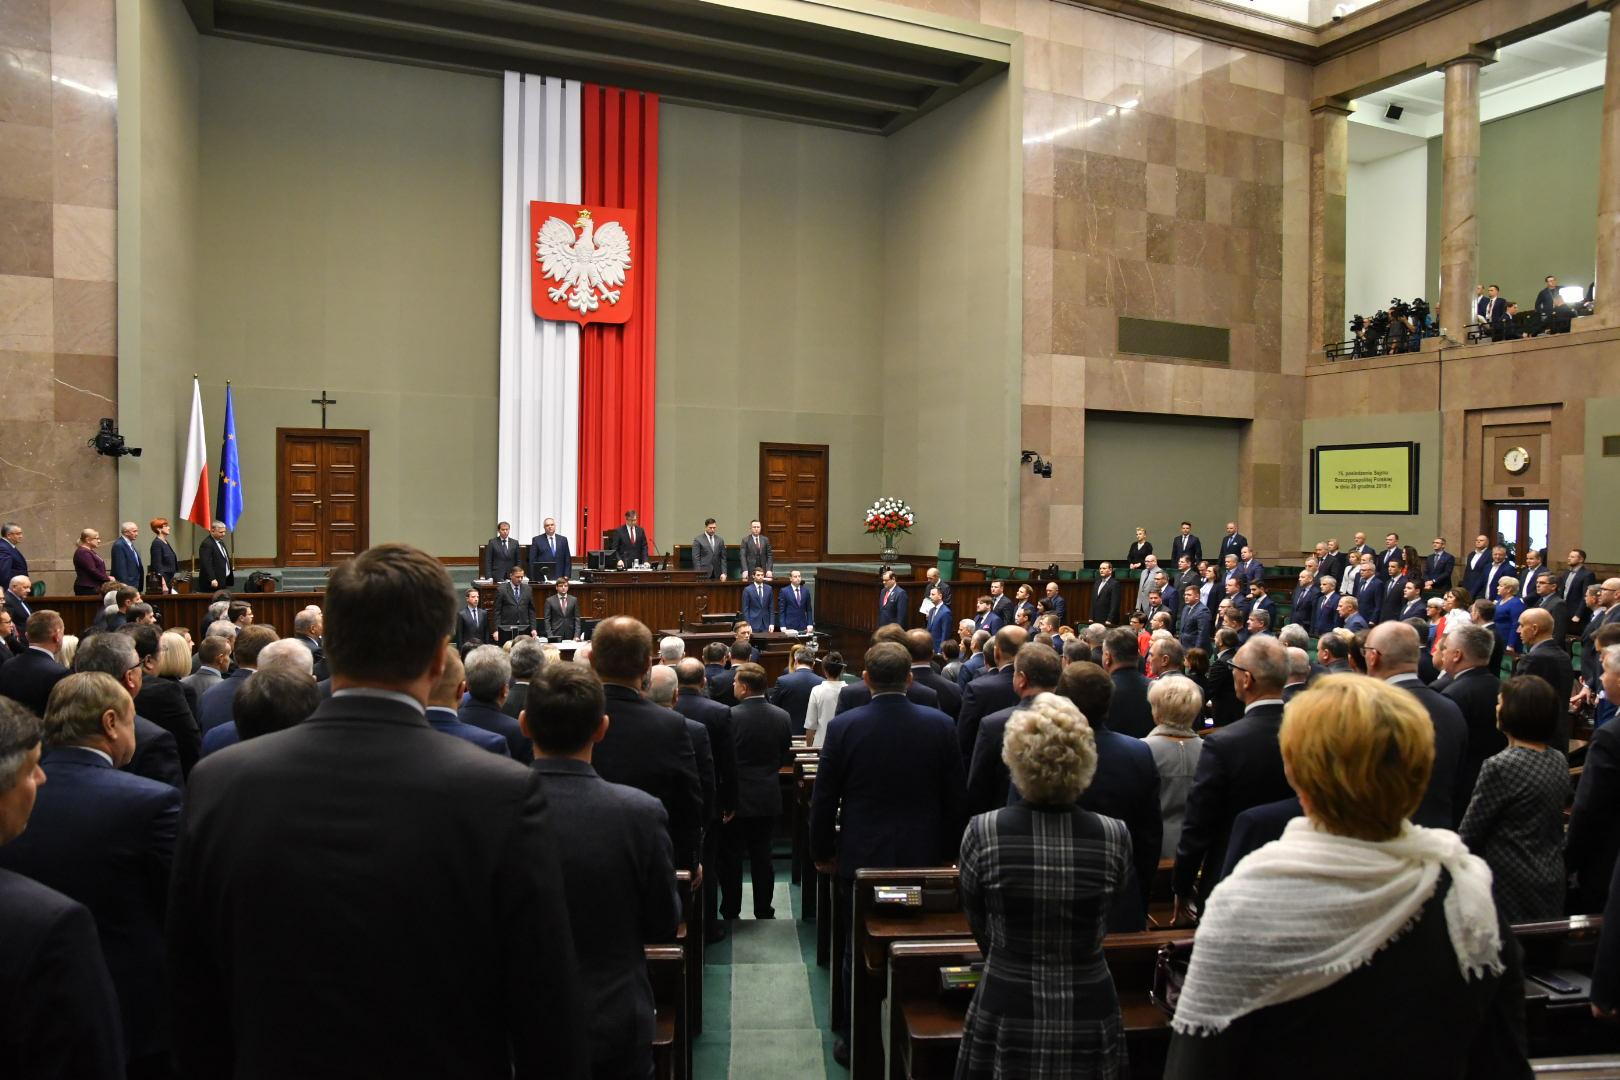 Posłowie w czasie obrad Sejmu RP (fot. Sejm RP/flickr.com/CC BY 2.0)